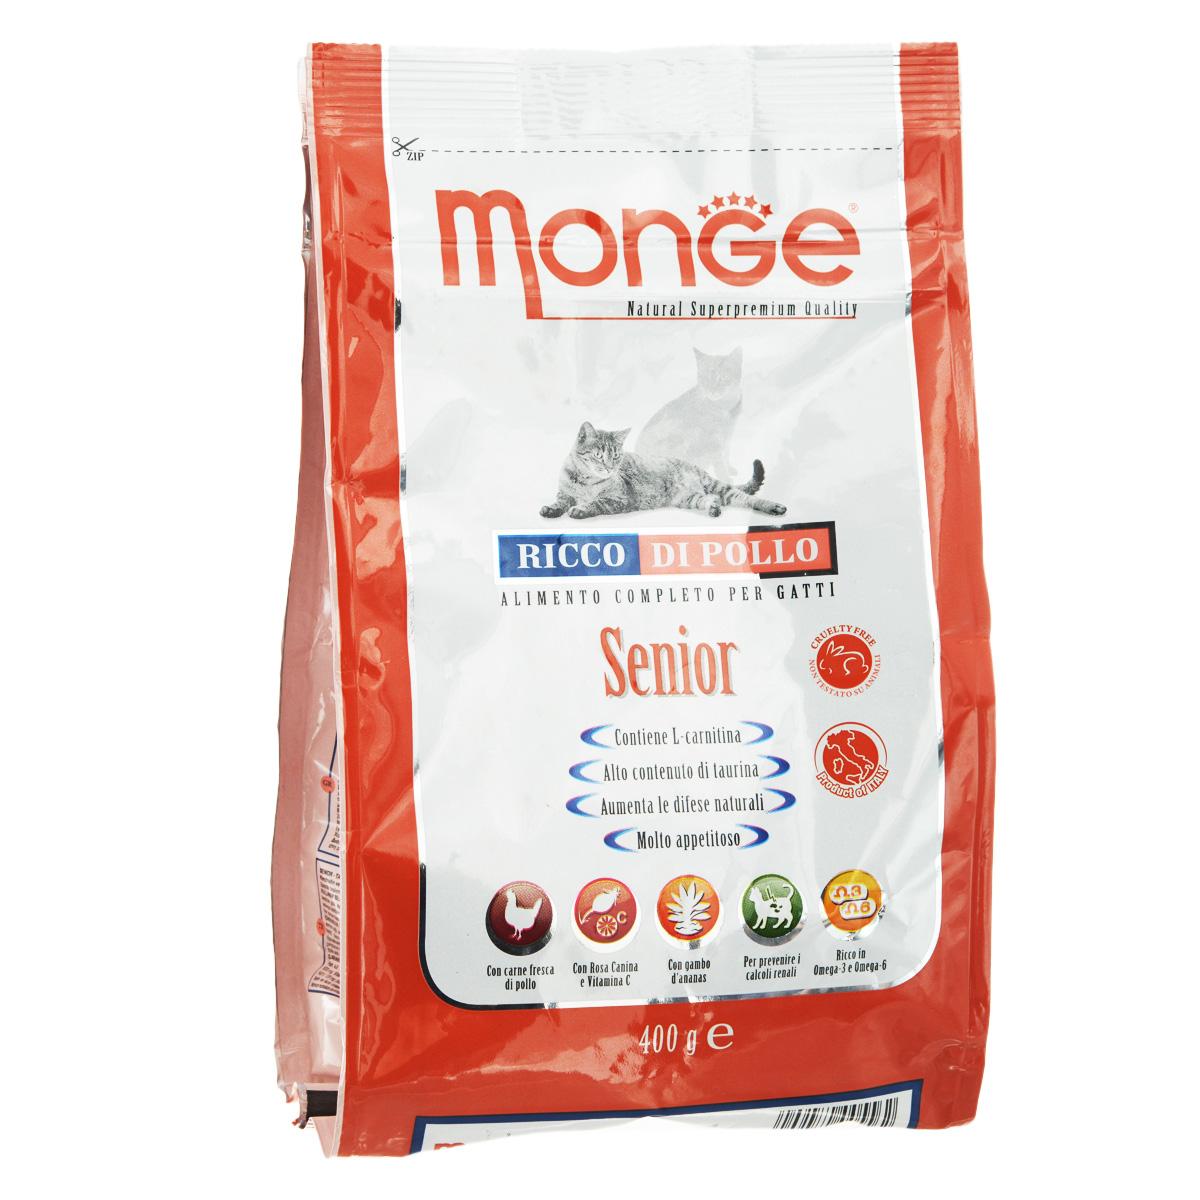 Корм сухой Monge для пожилых кошек, 400 г70005562Сухой корм Monge - это полноценный корм для пожилых кошек старше 10 лет, которым необходима диета с пониженной калорийностью и липидной плотностью, так как они ведут пониженную физическую активность. Содержит хондроитин и глюкозамин, которые способствуют сохранению подвижности и улучшению функционирования суставов. Необходимое количество магния и правильное значение pH препятствуют образованию камней в почках. Помогает в поддержании высокой остроты зрения, и способствует нормальному функционированию сердца. В дополнение витамин С укрепляет иммунную систему, а стебель ананаса способствует подавлению воспалительных процессов. Состав: куриное мясо (свежее мин. 10%, обезвоженное 30%), кукуруза, кукурузный глютен, монокальцийфосфат, рис, куриное масло, свекольный жом, масло лосося, дрожжи, яичный крахмал, целлюлоза (волокна гороха), шелуха сои, Юкка Шидигера, фруктоолигосахариды 336 мг/кг, маннан-олигосахариды 336 мг/кг, хондроитин сульфат 1,135...